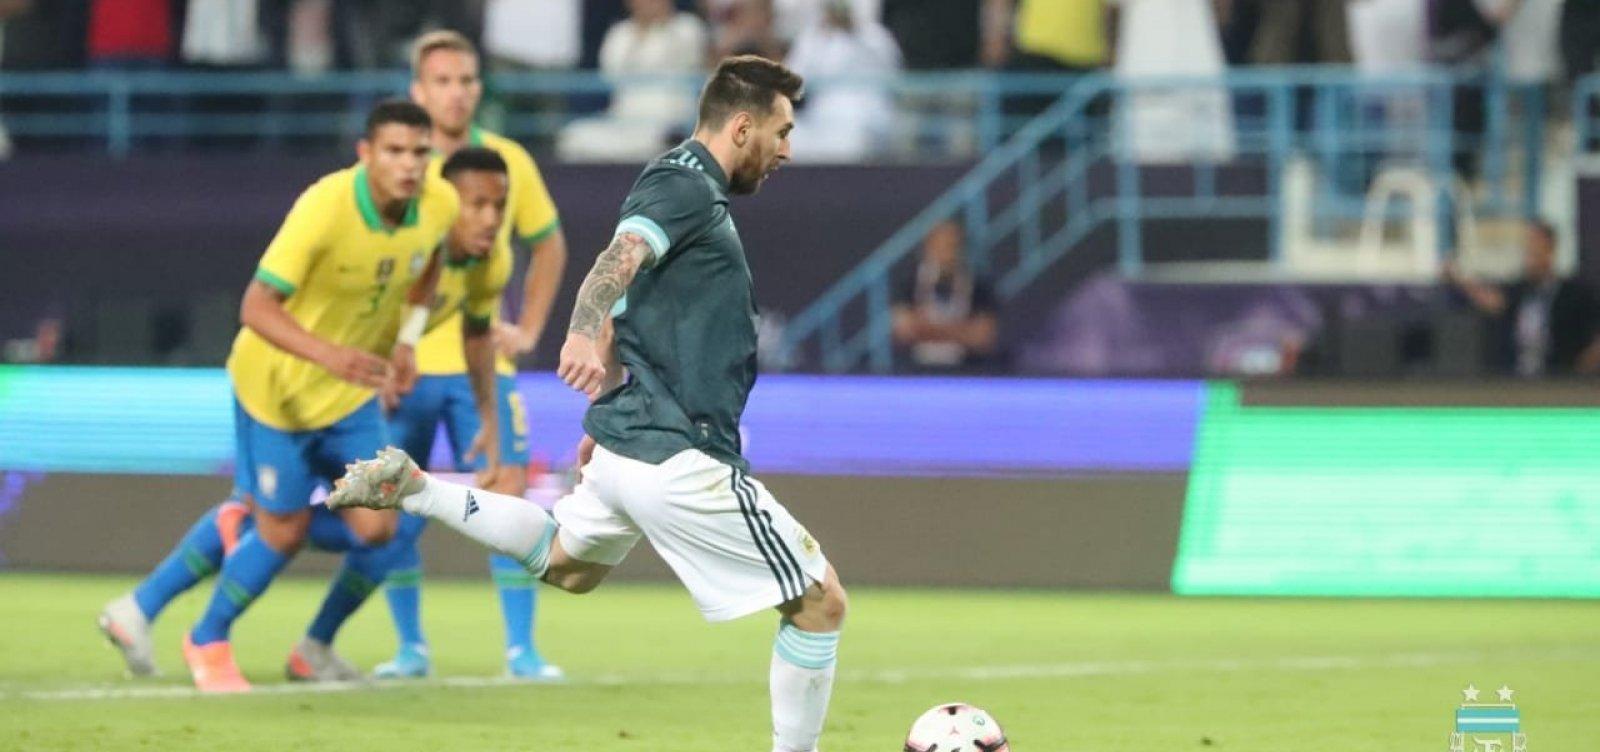 Brasil é dominado pela Argentina e perde amistoso por 1 a 0